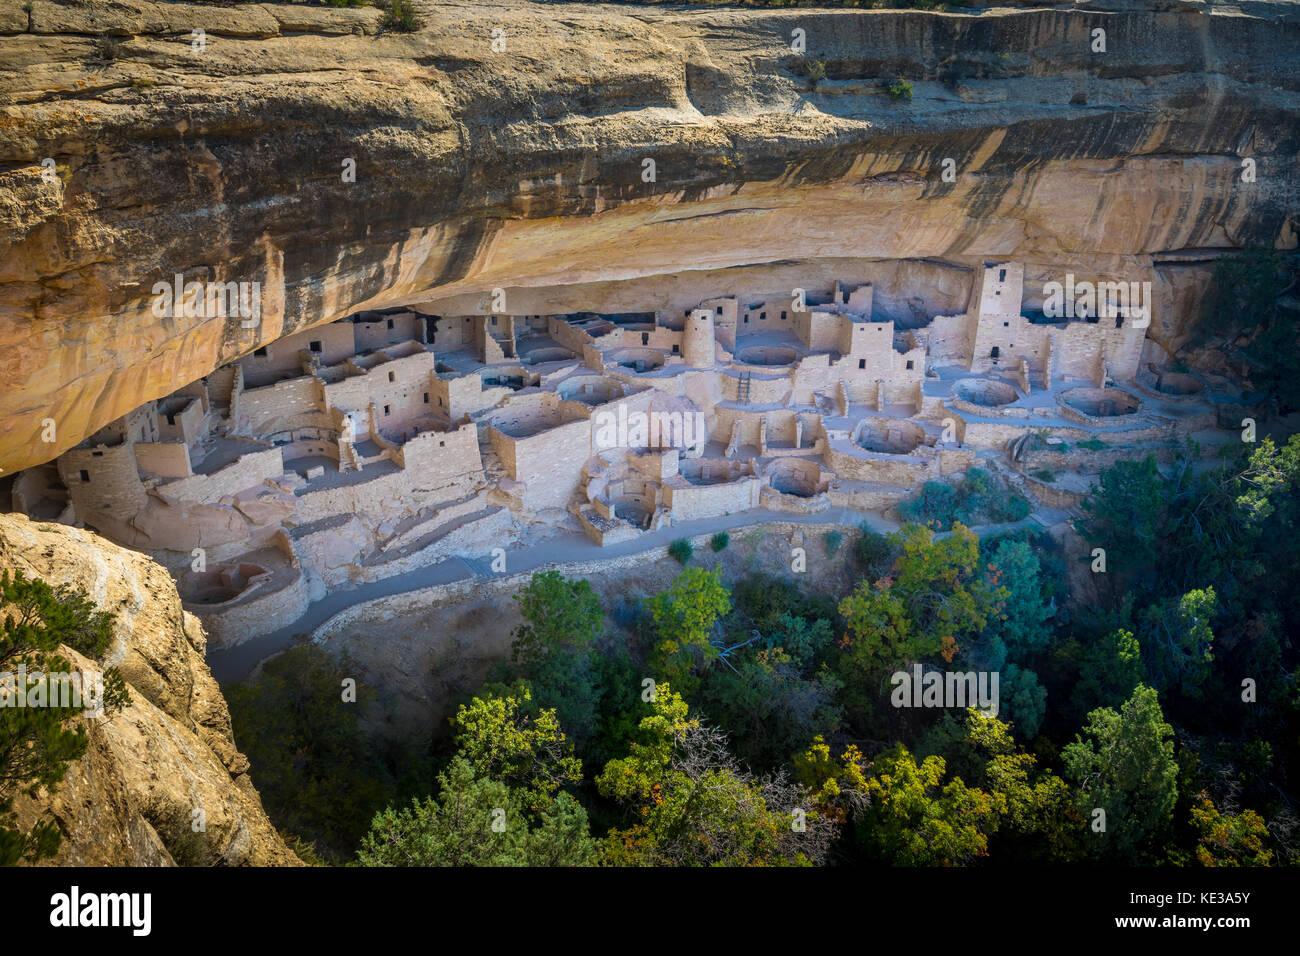 El Parque Nacional Mesa Verde es un Parque Nacional y Patrimonio de la Humanidad ubicado en el condado de Montezuma, Imagen De Stock